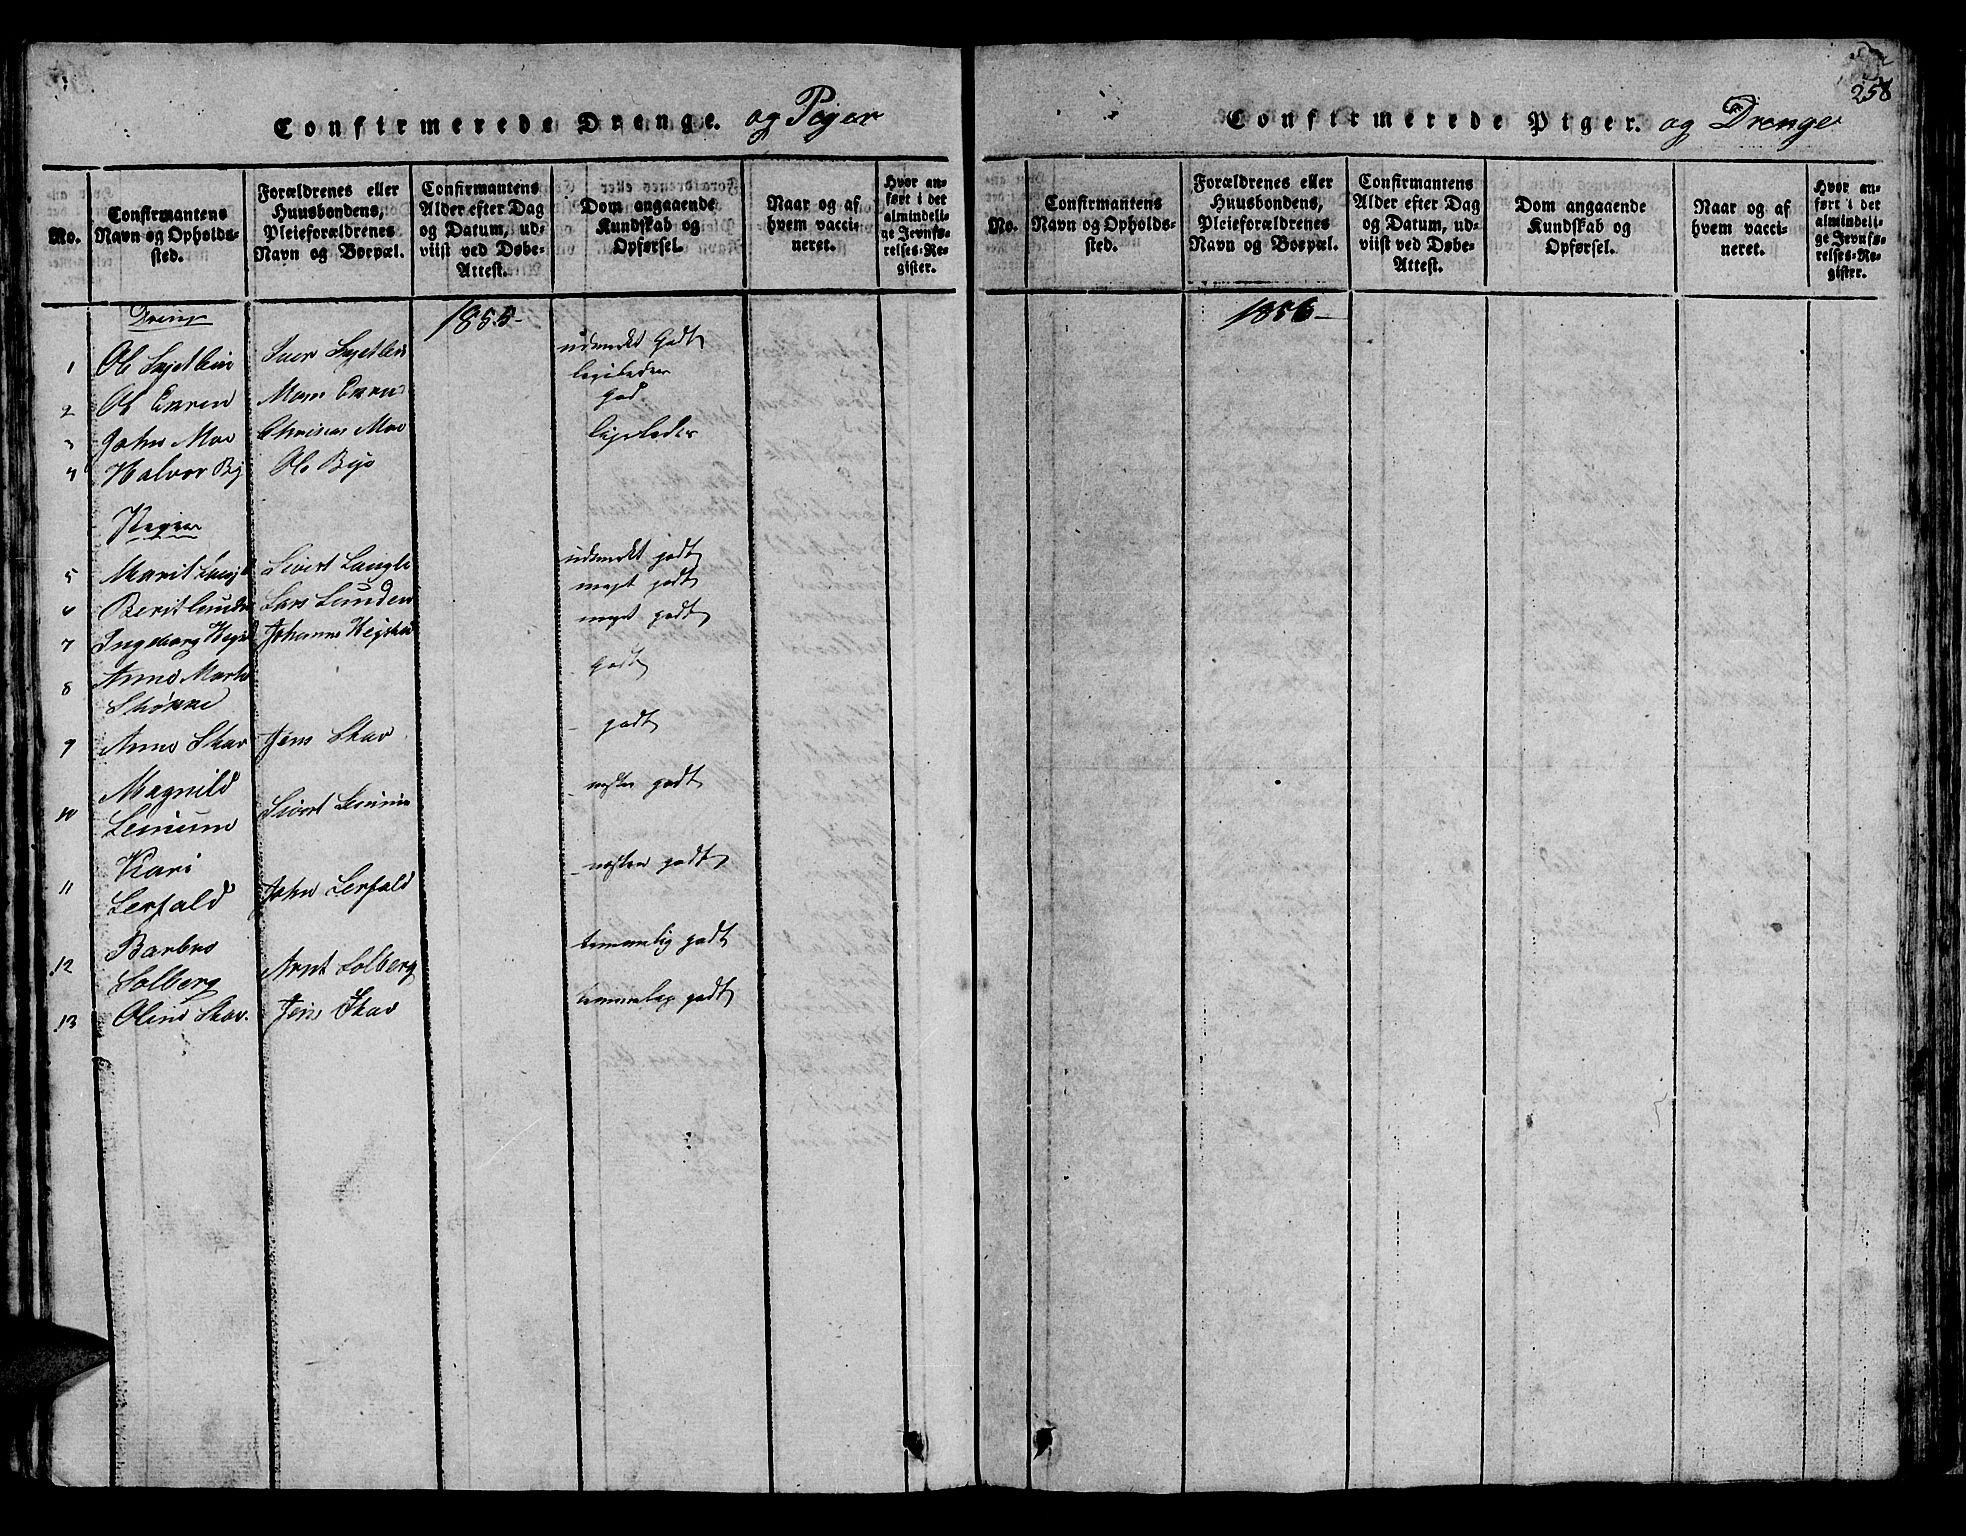 SAT, Ministerialprotokoller, klokkerbøker og fødselsregistre - Sør-Trøndelag, 613/L0393: Klokkerbok nr. 613C01, 1816-1886, s. 258